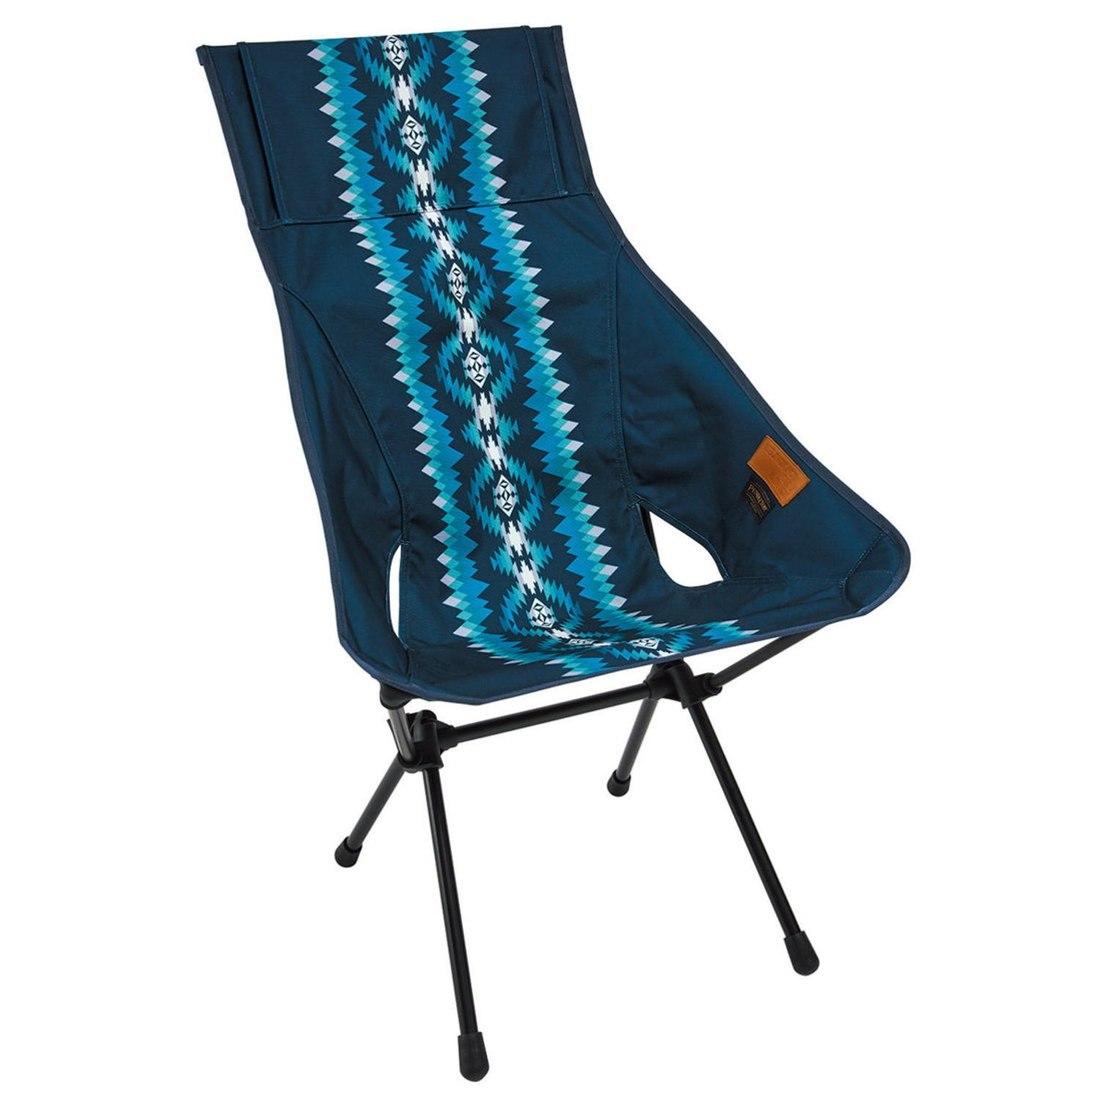 ヘリノックス ペンドルトン サンセットチェア トートバックセット 折りたたみ椅子チェアー  国内正規品